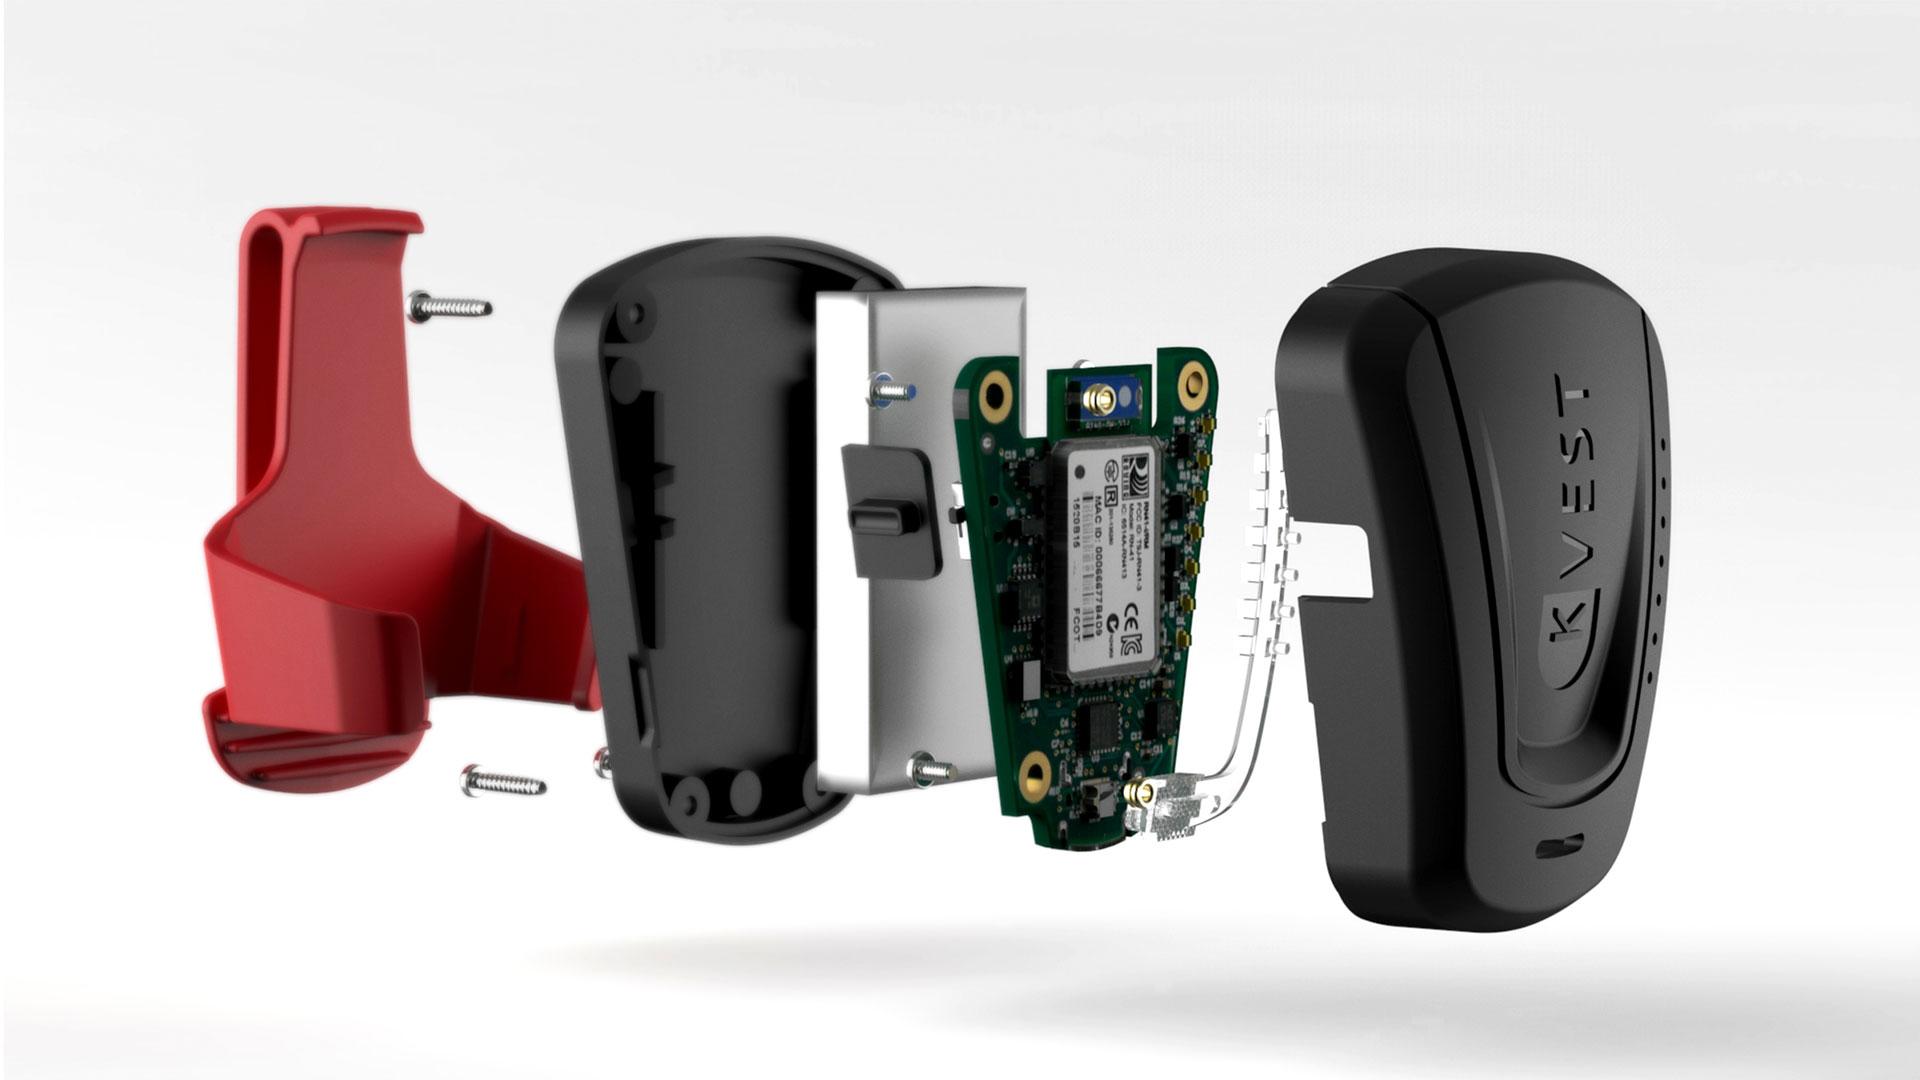 kvest_kmotion_design_engineering_soft_goods_002